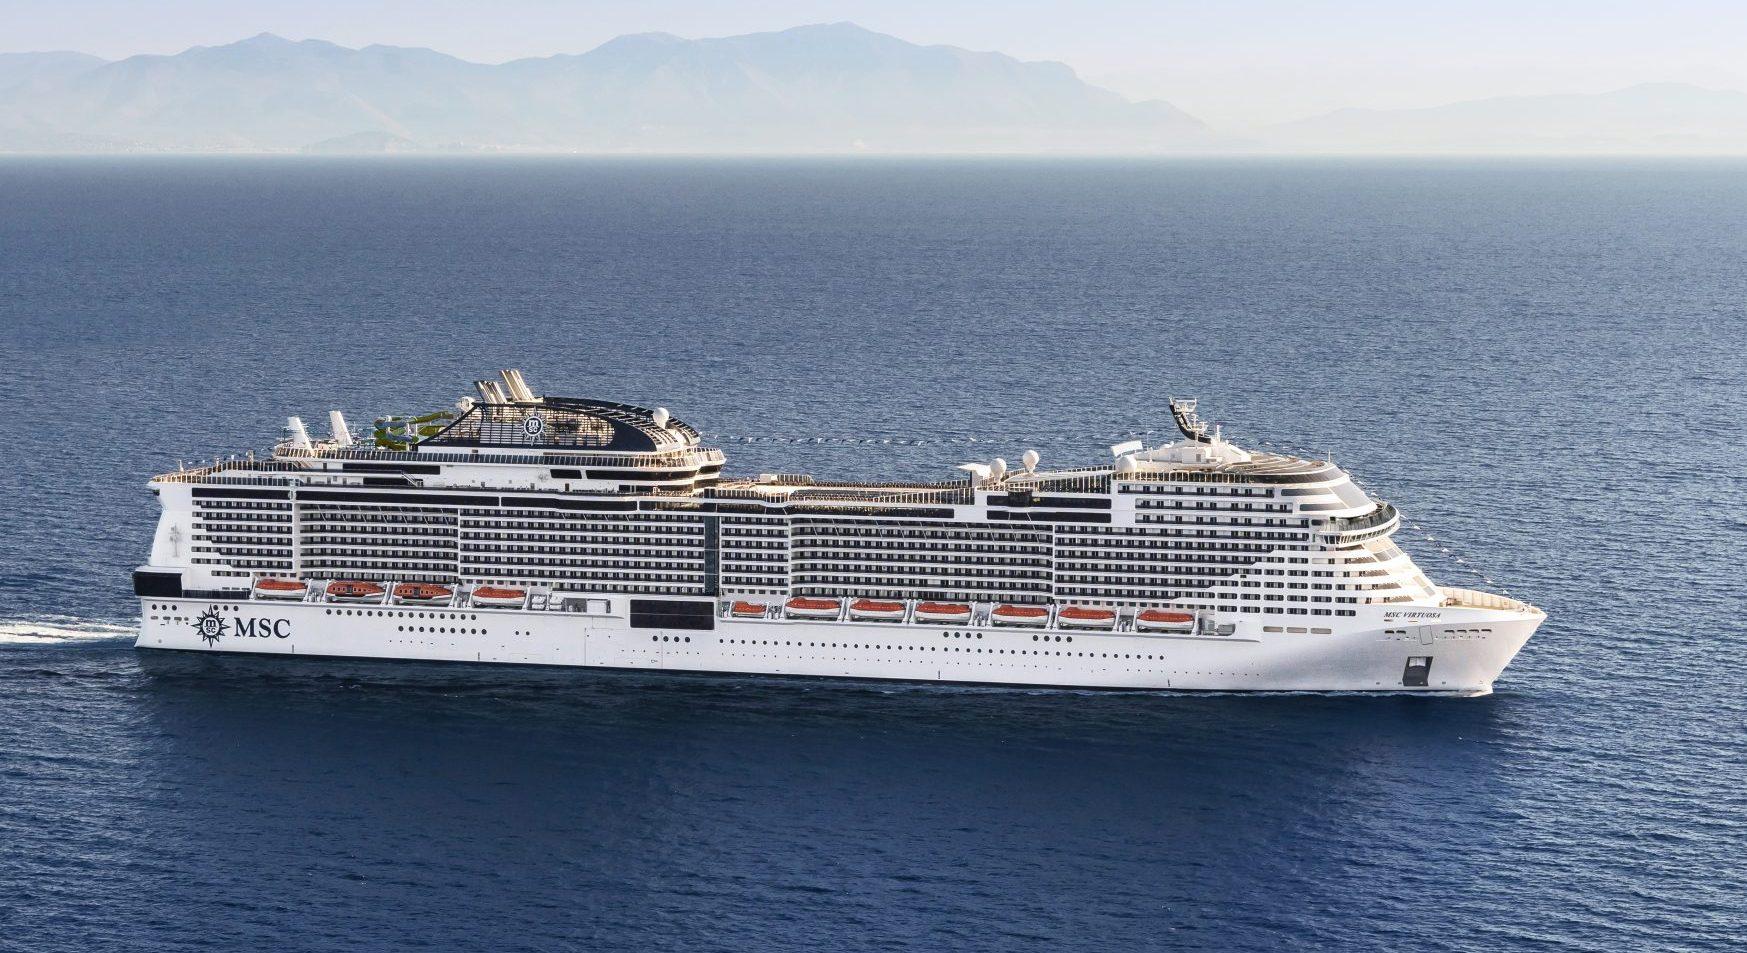 MSC Cruises' nye flagskib, MSC Virtuosa, har blandt andet 21 barer, ni restauranter, et teater med plads til 945 gæster og fem svømmebassiner. Pressefoto: MSC Cruises.